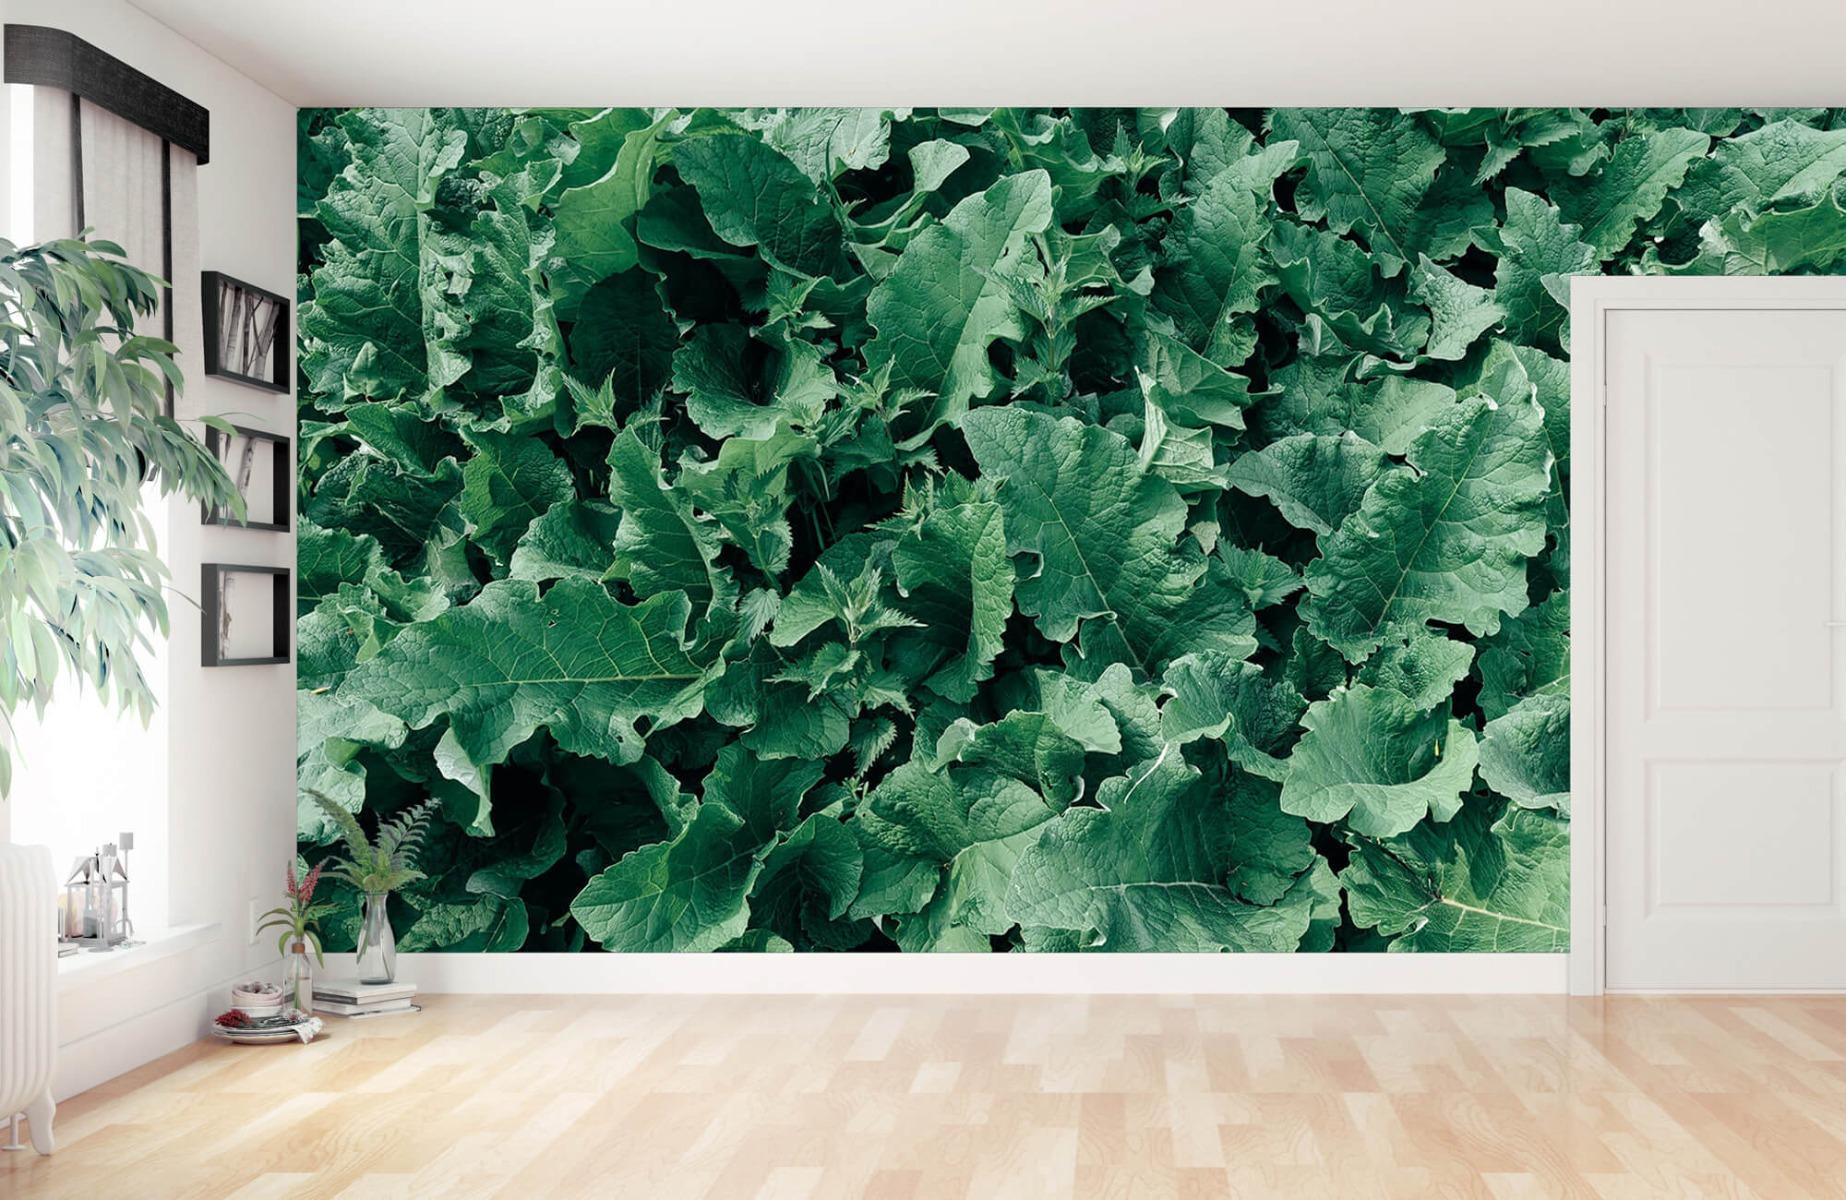 Bladeren - Gedetailleerd groen bladerdek - Wallexclusive - Slaapkamer 11